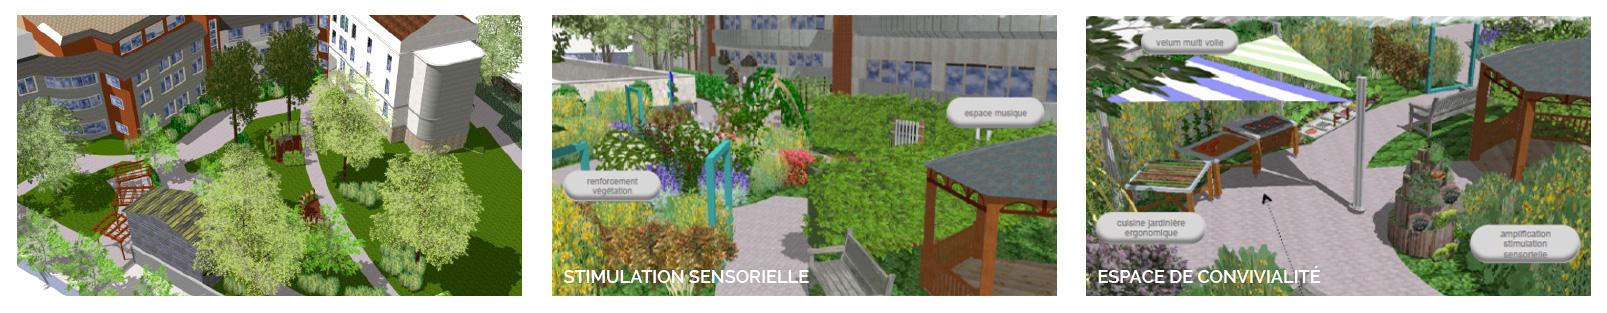 Jardin-visuels